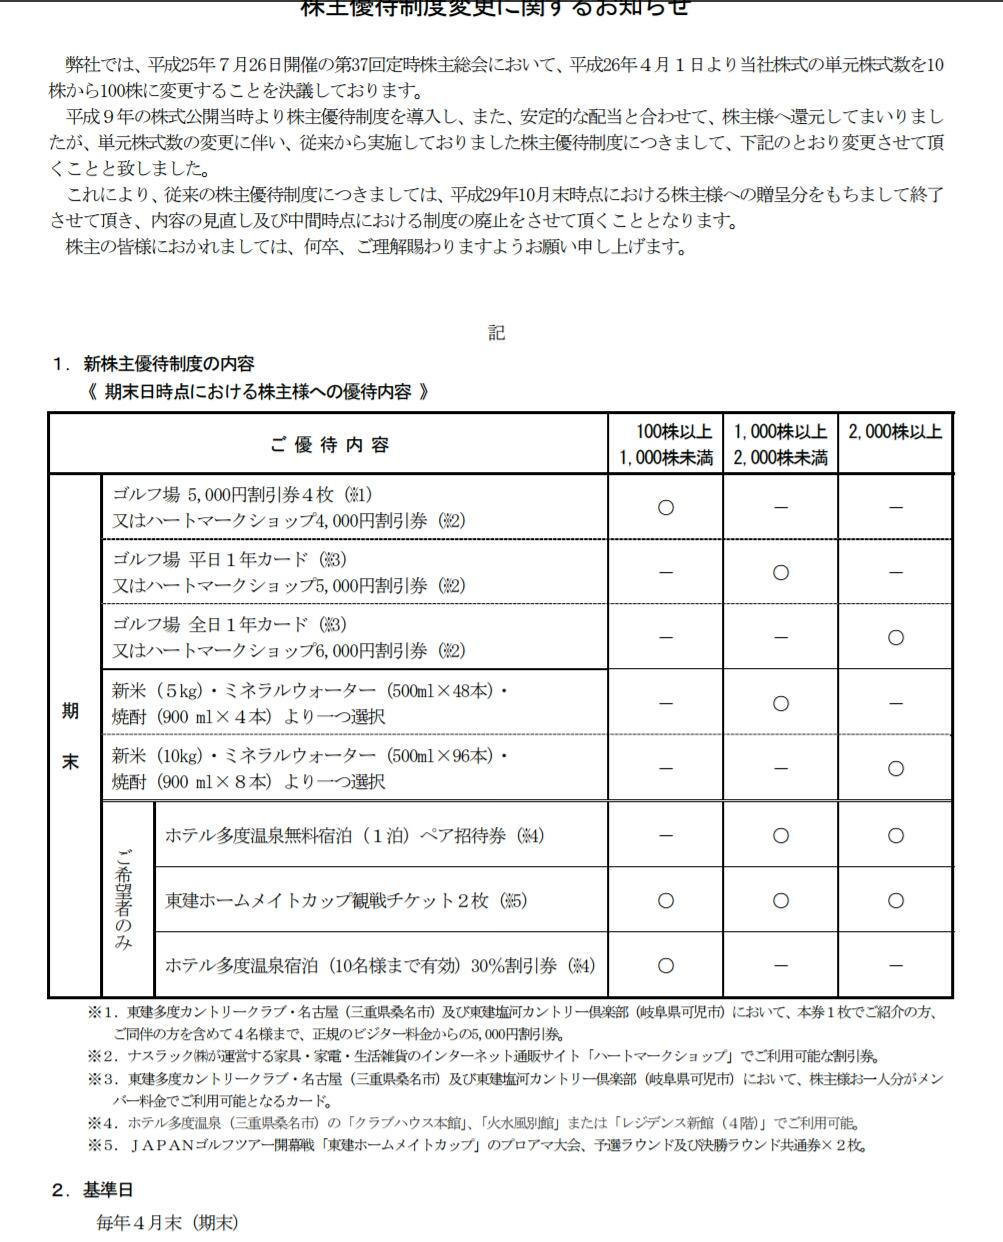 201712東建コーポレーション優待改悪 (2